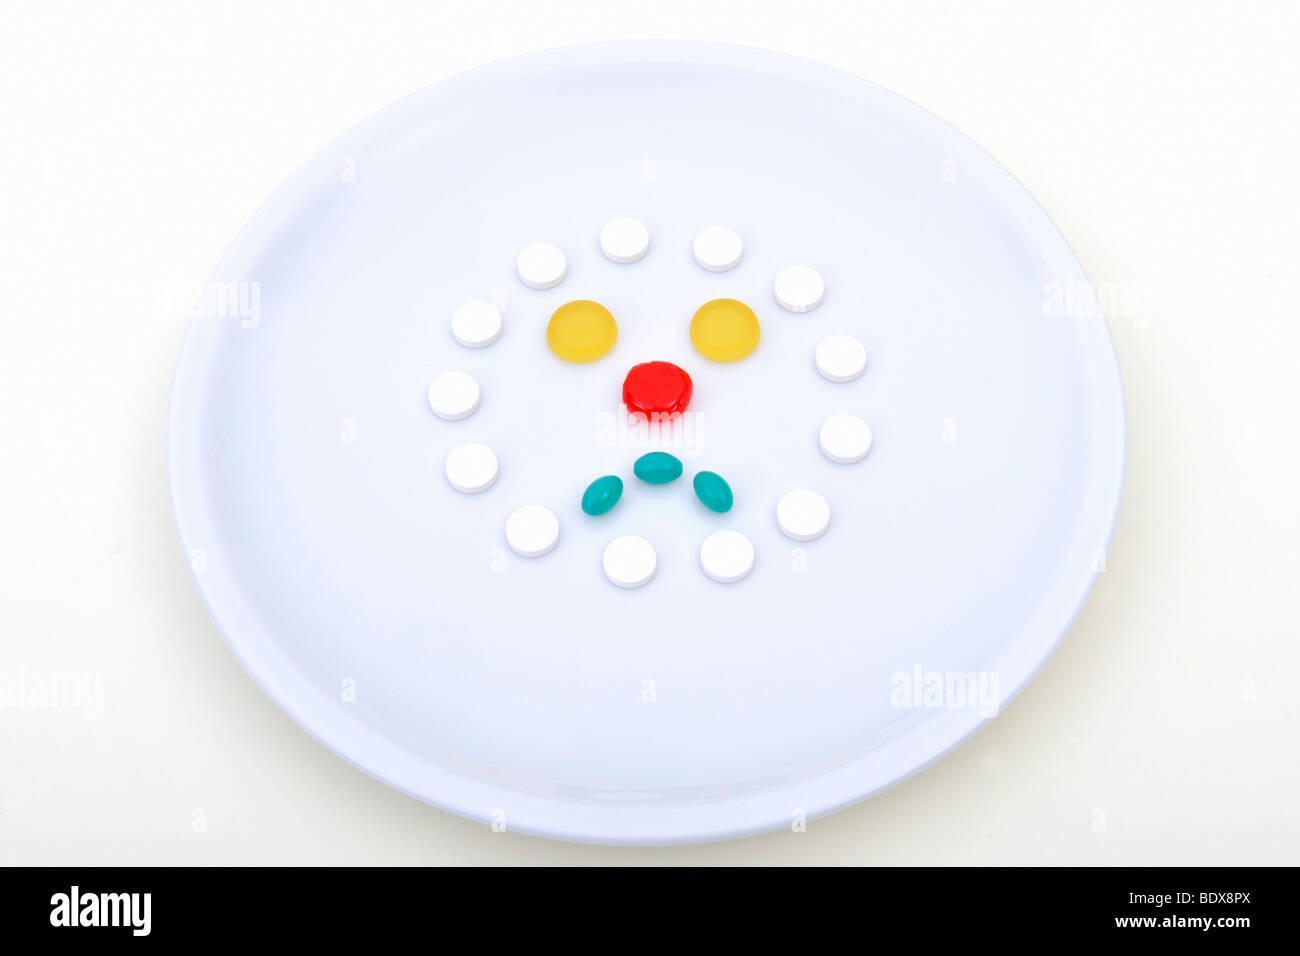 Symbolisches Bild für synthetische Lebensmittel, Pille Verbrauch, Drogenmissbrauch Stockbild